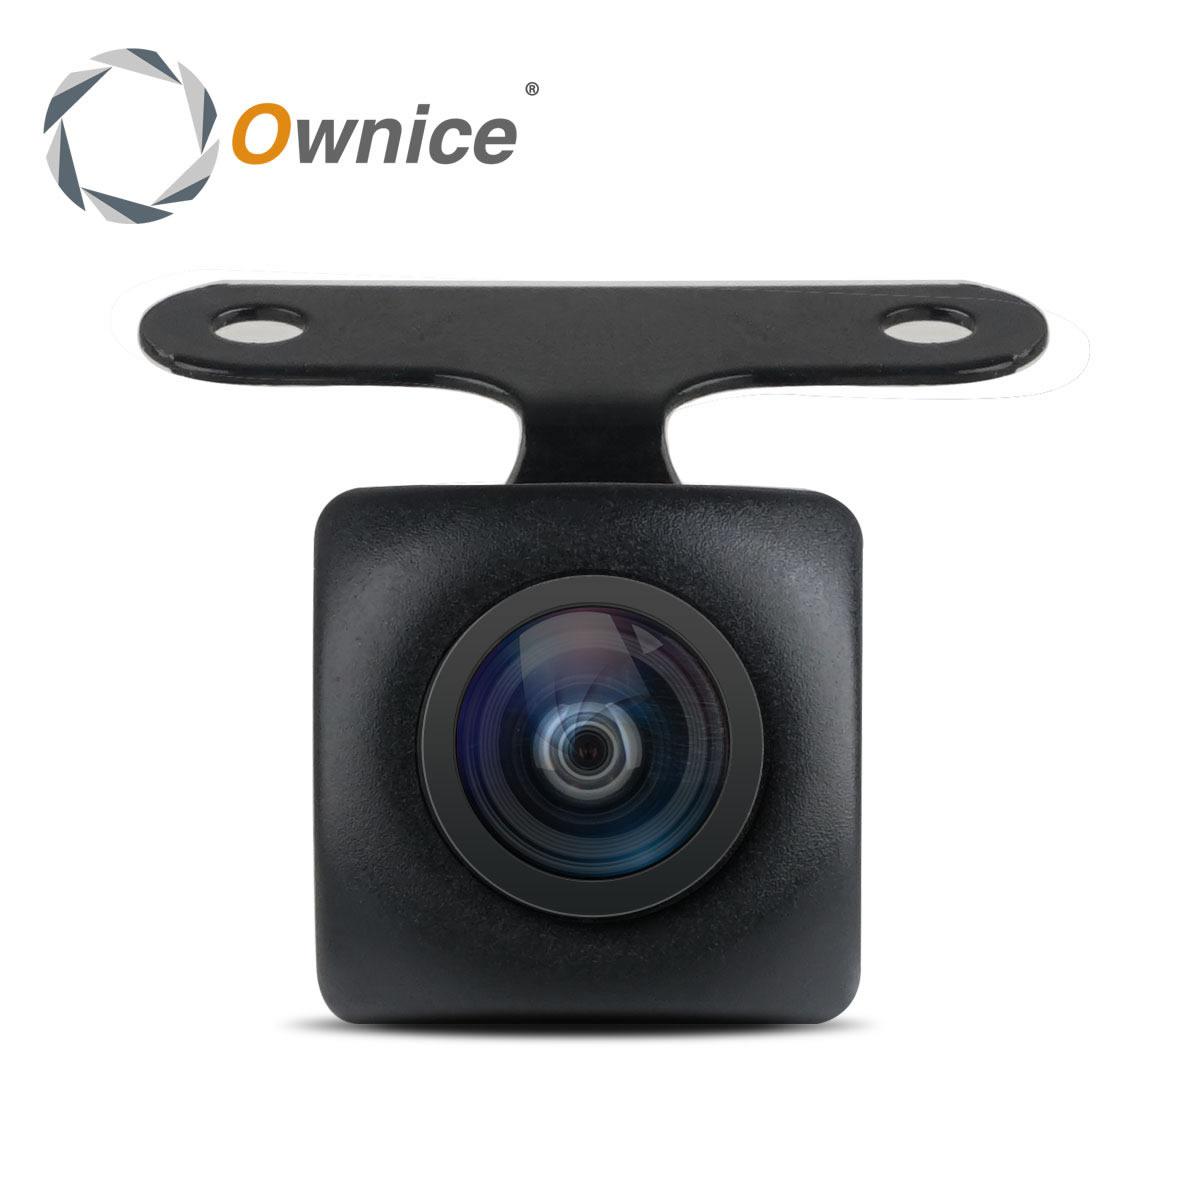 Universal Câmera de Visão Traseira Do Carro de Backup Estacionamento Câmera Night Vision Luz Das Estrelas À Prova D' Água 170 Grande Angular HD de Imagem a Cores